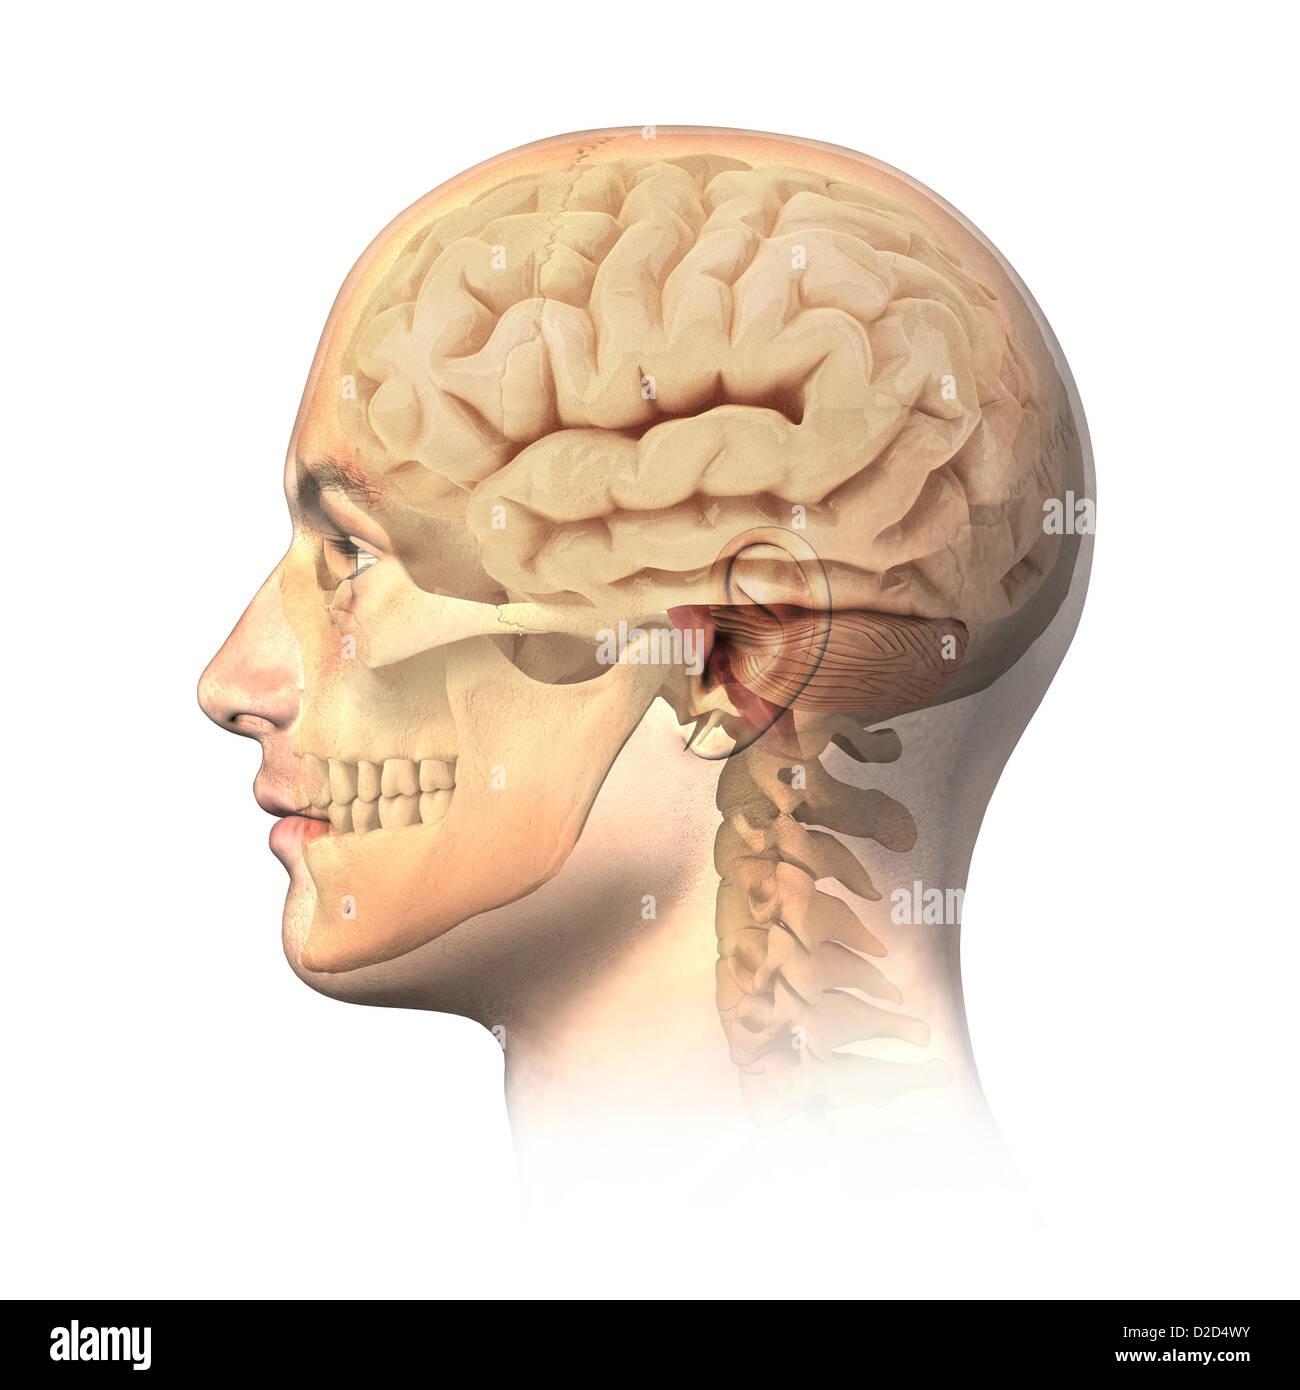 Anatomie des Menschen Kopf Computer Grafik Stockfoto, Bild: 53149655 ...